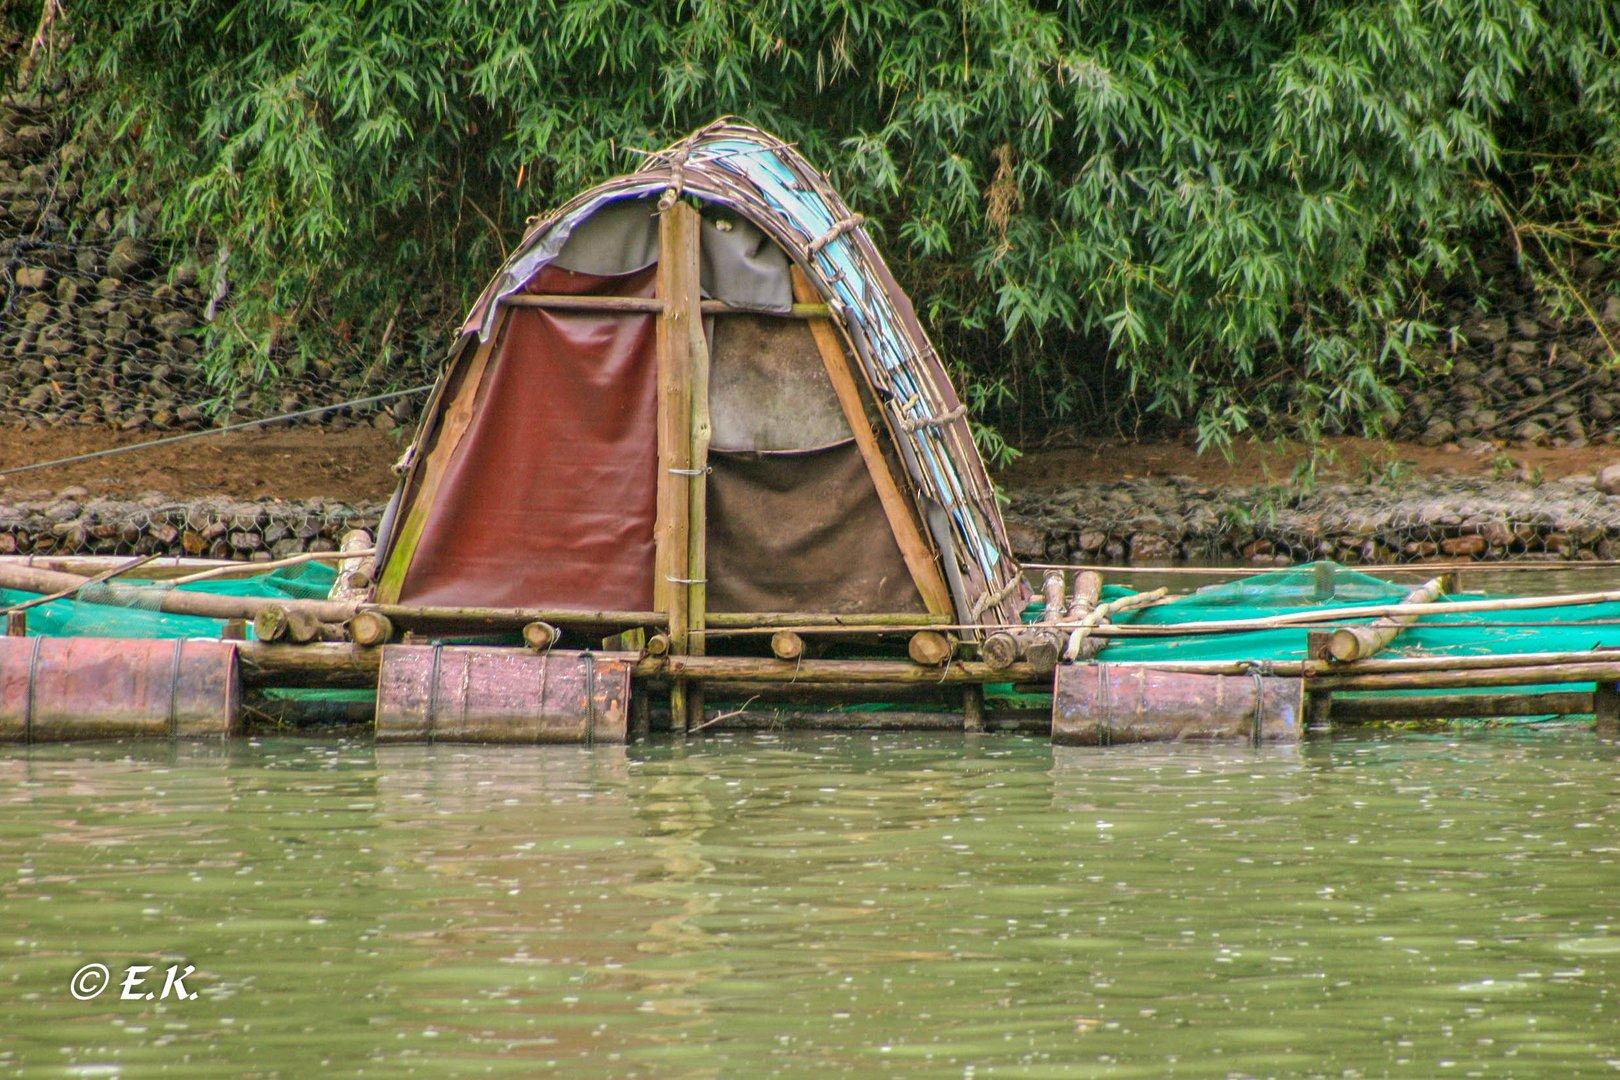 Leben, Wohnen und Arbeiten am Fluss